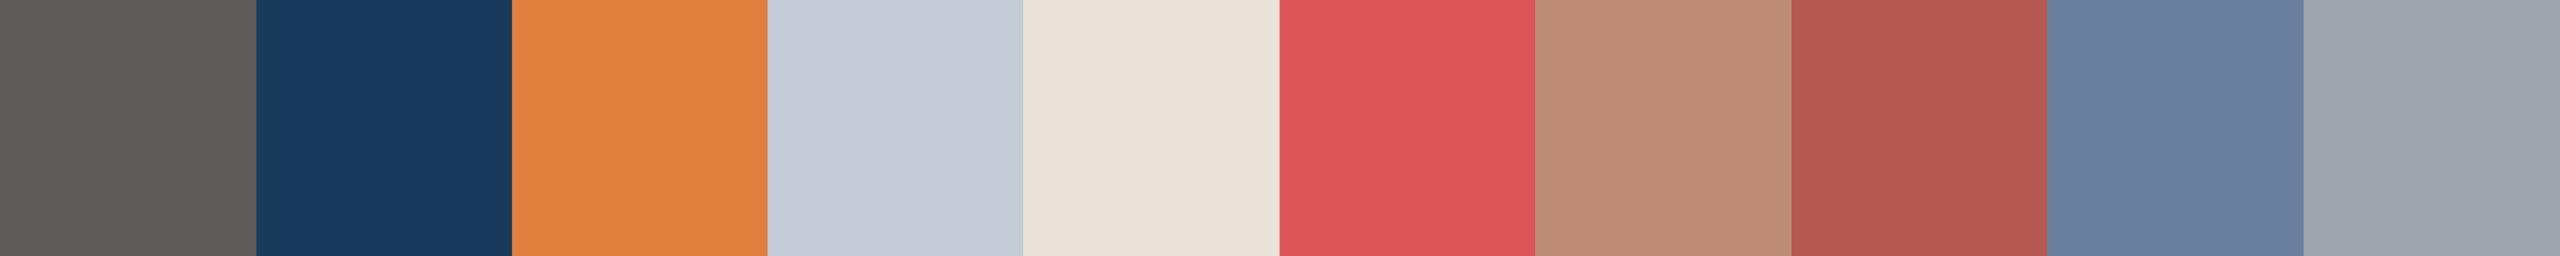 158 Kaphedia Color Palette